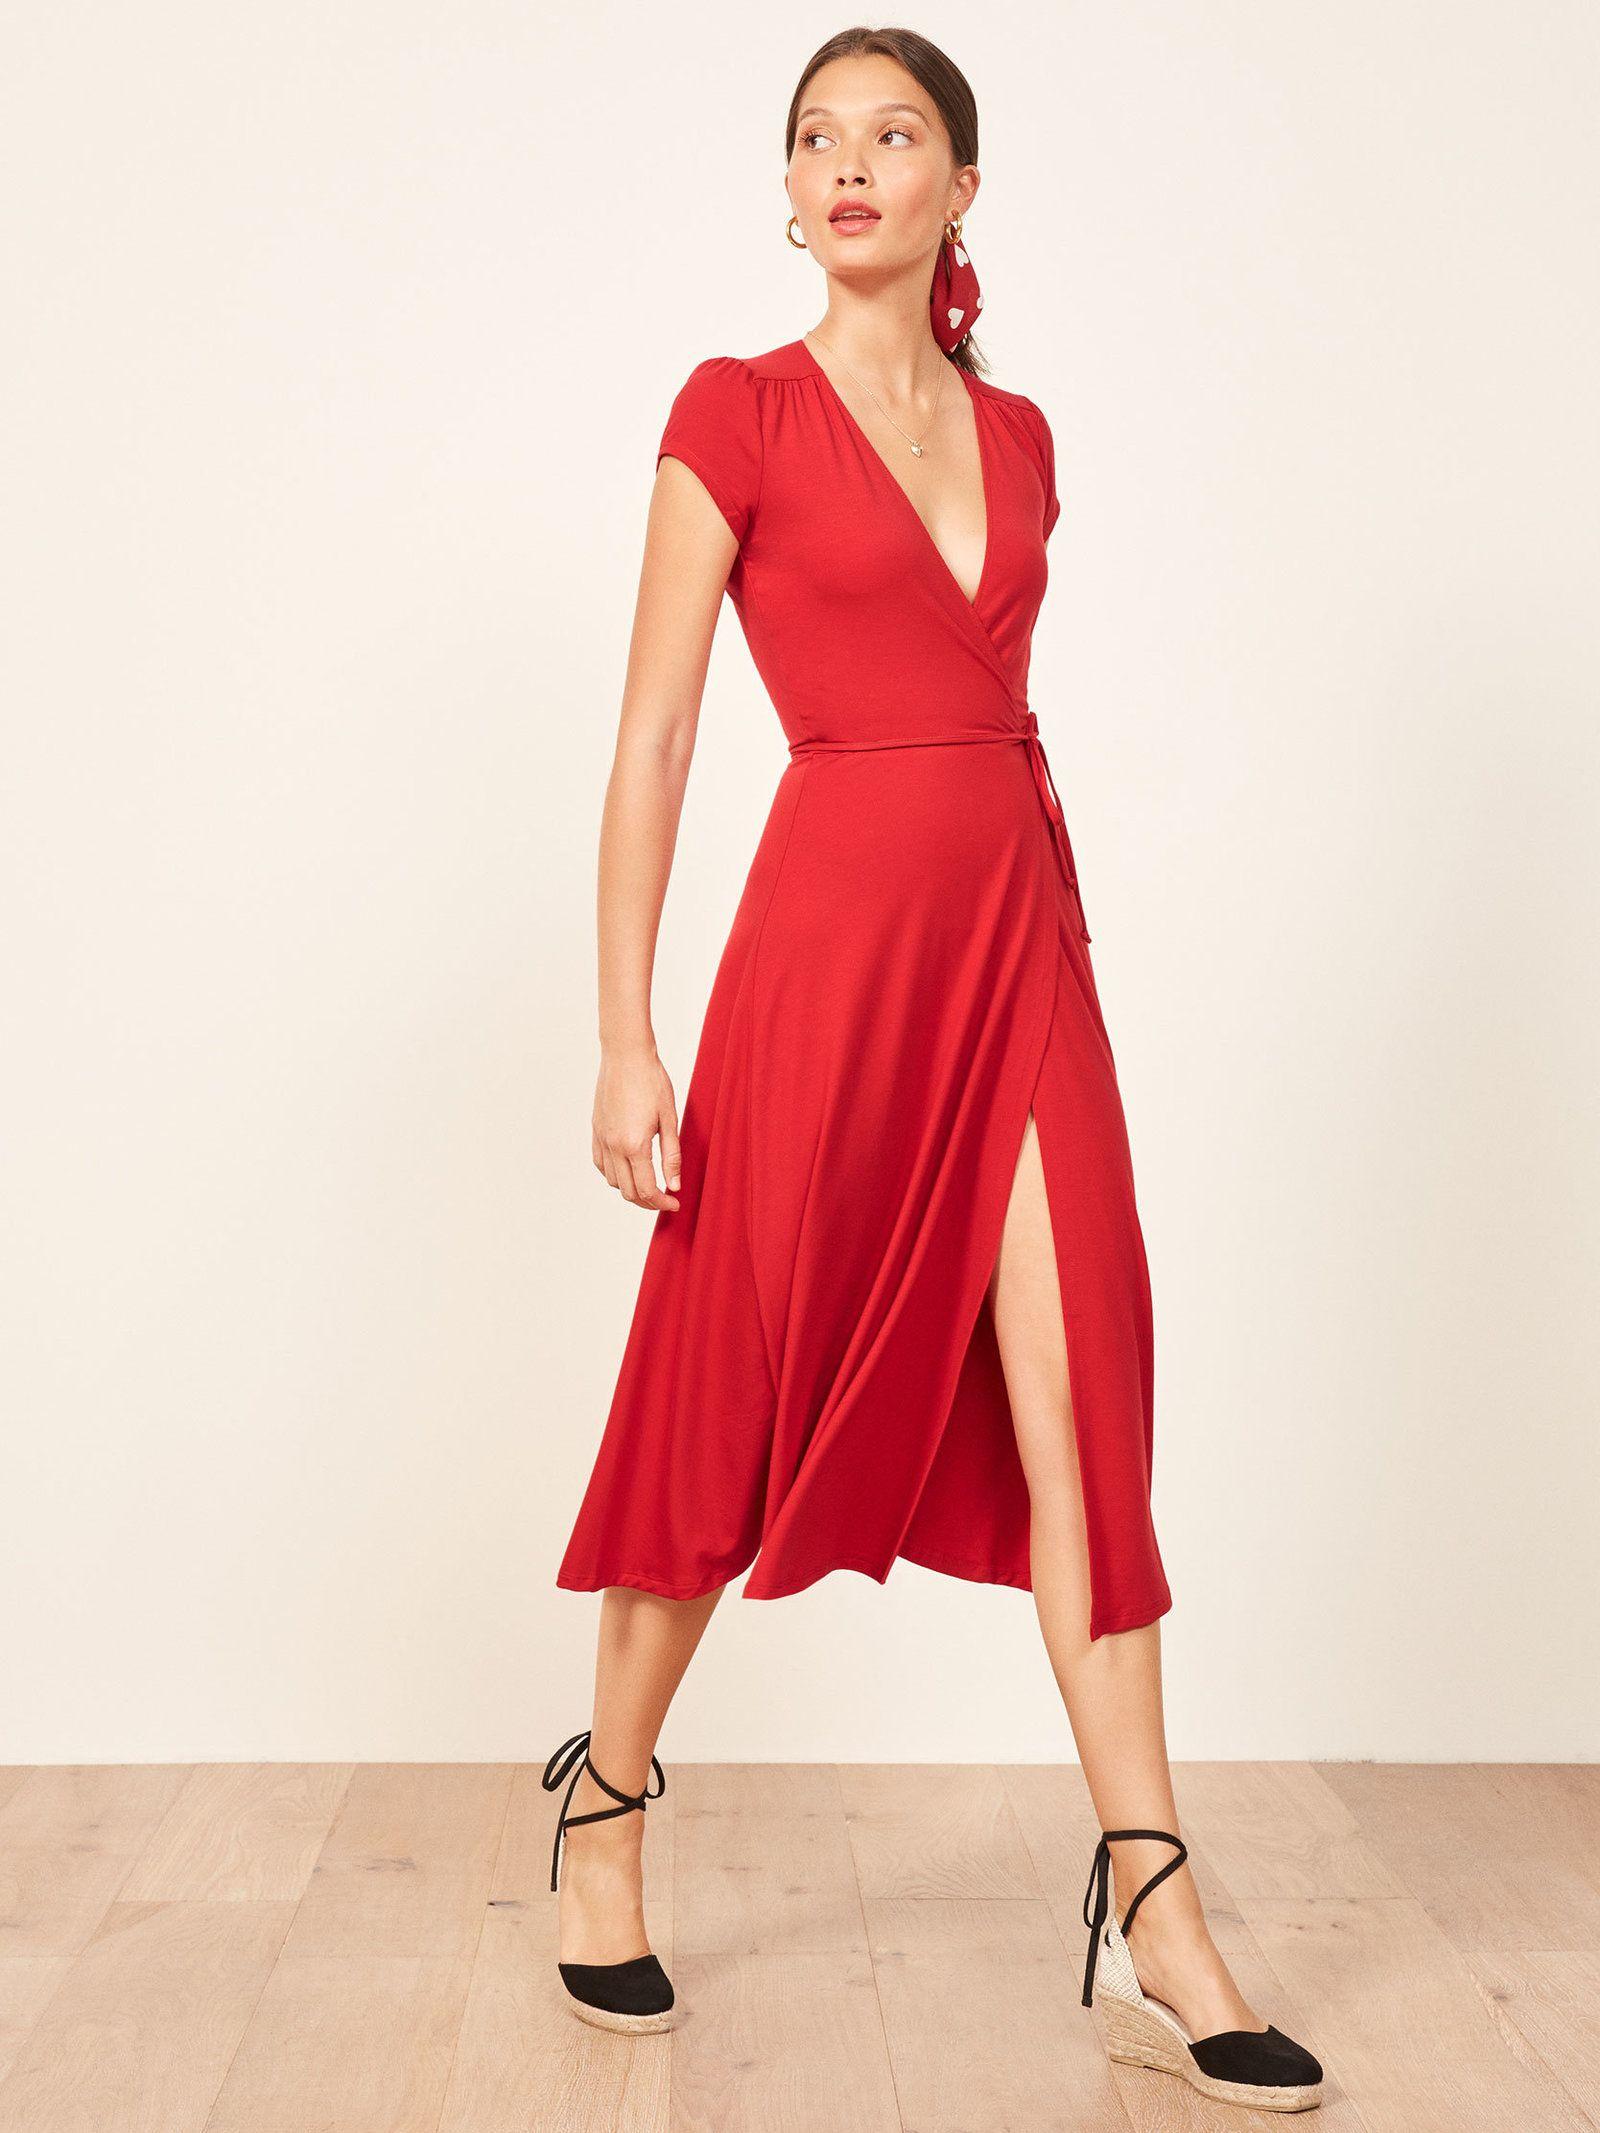 56645249ede6 The Reformation Becca Dress | Style i like | Dresses, Fashion, Dress ...